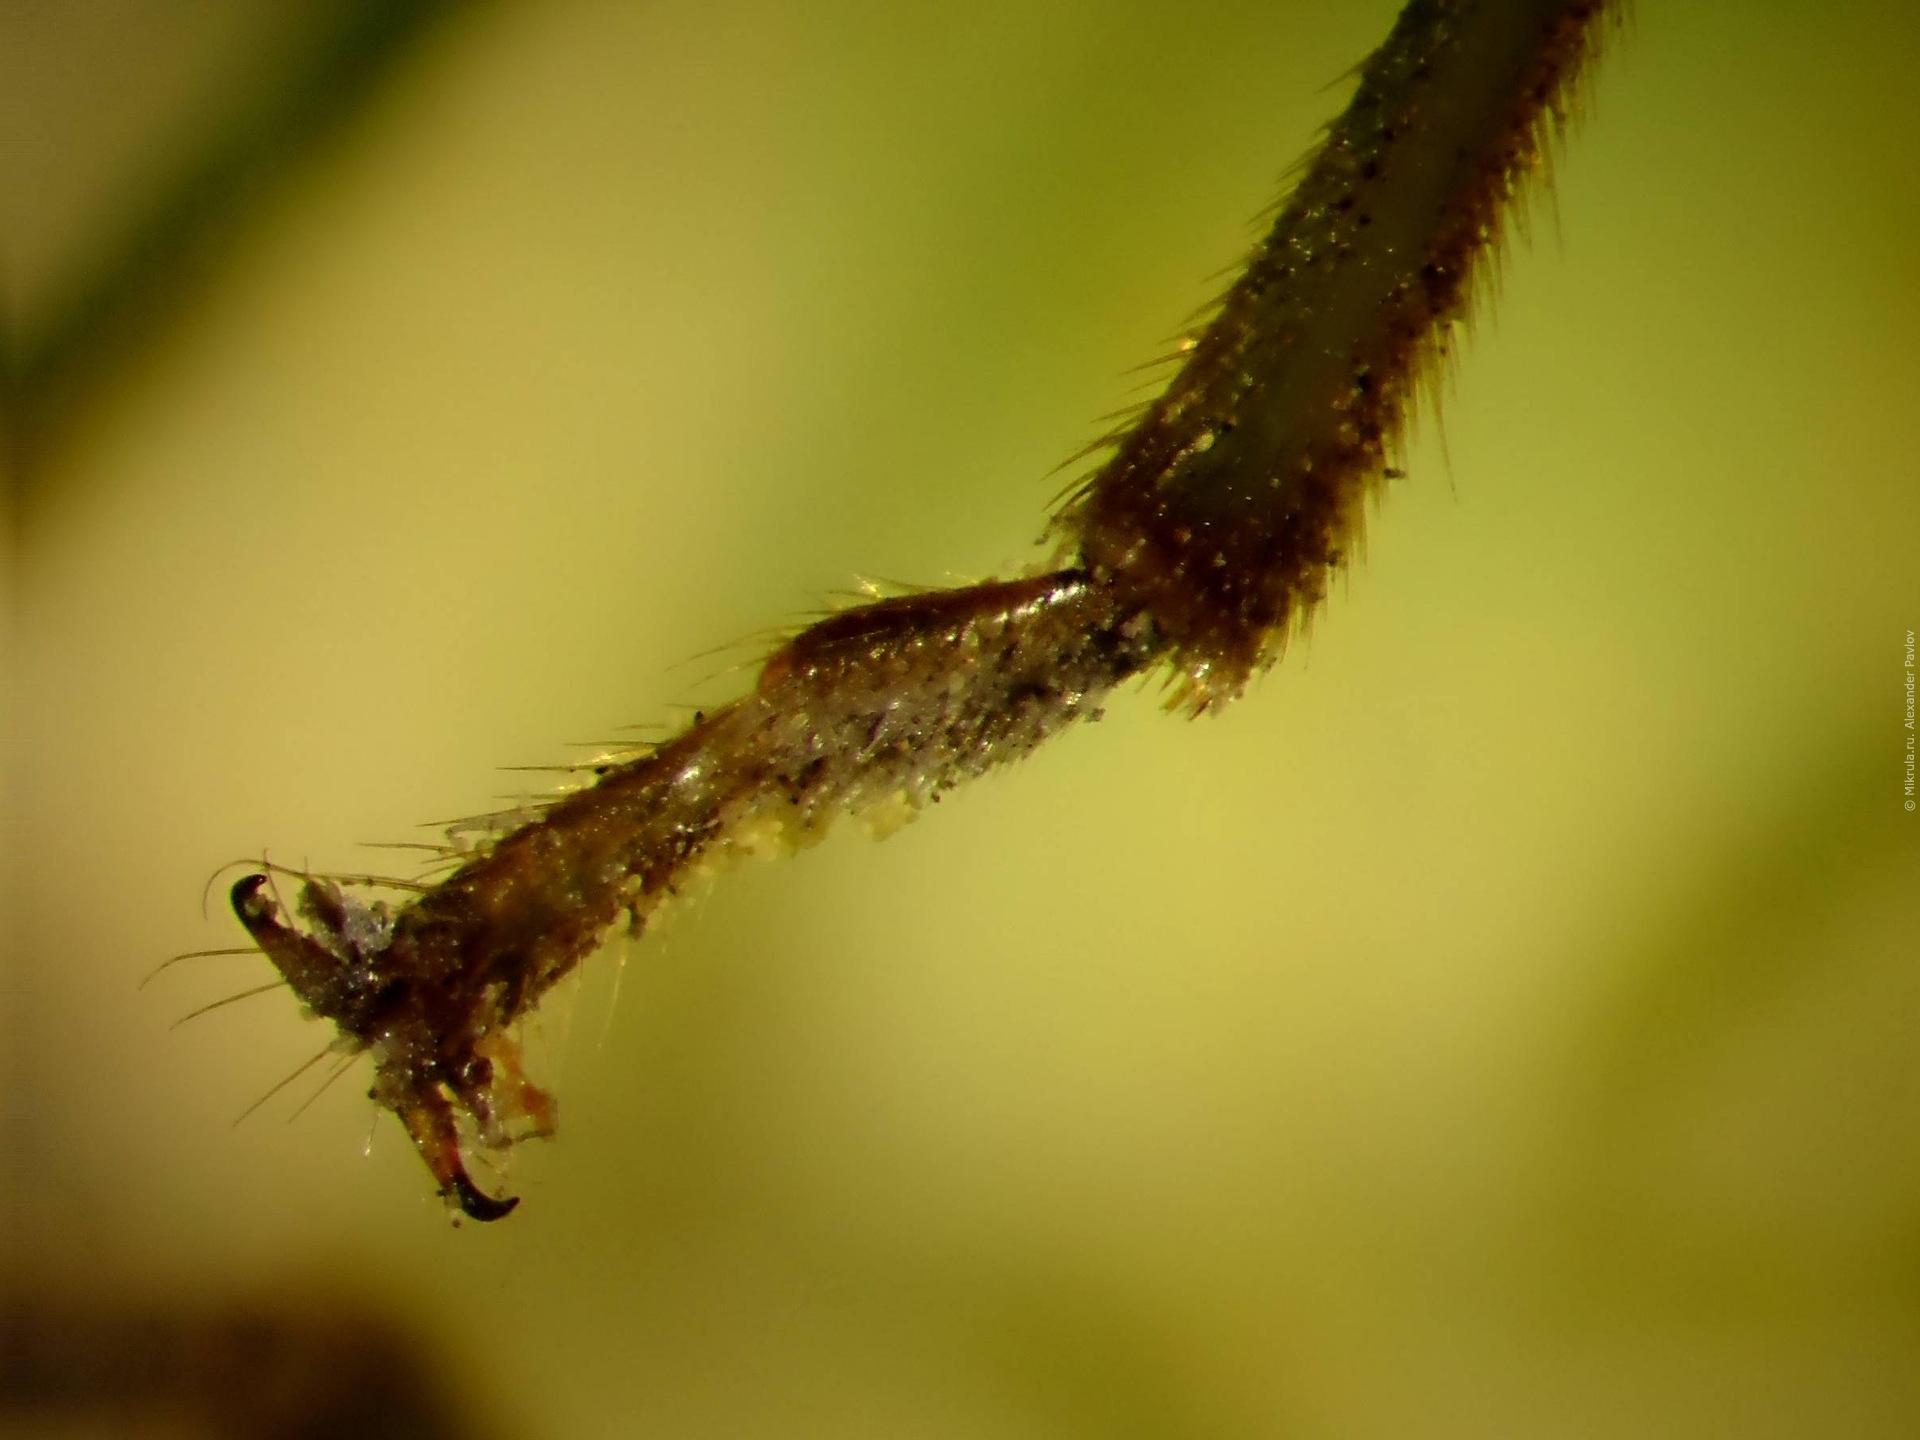 личинка мухи фото под микроскопом блокады